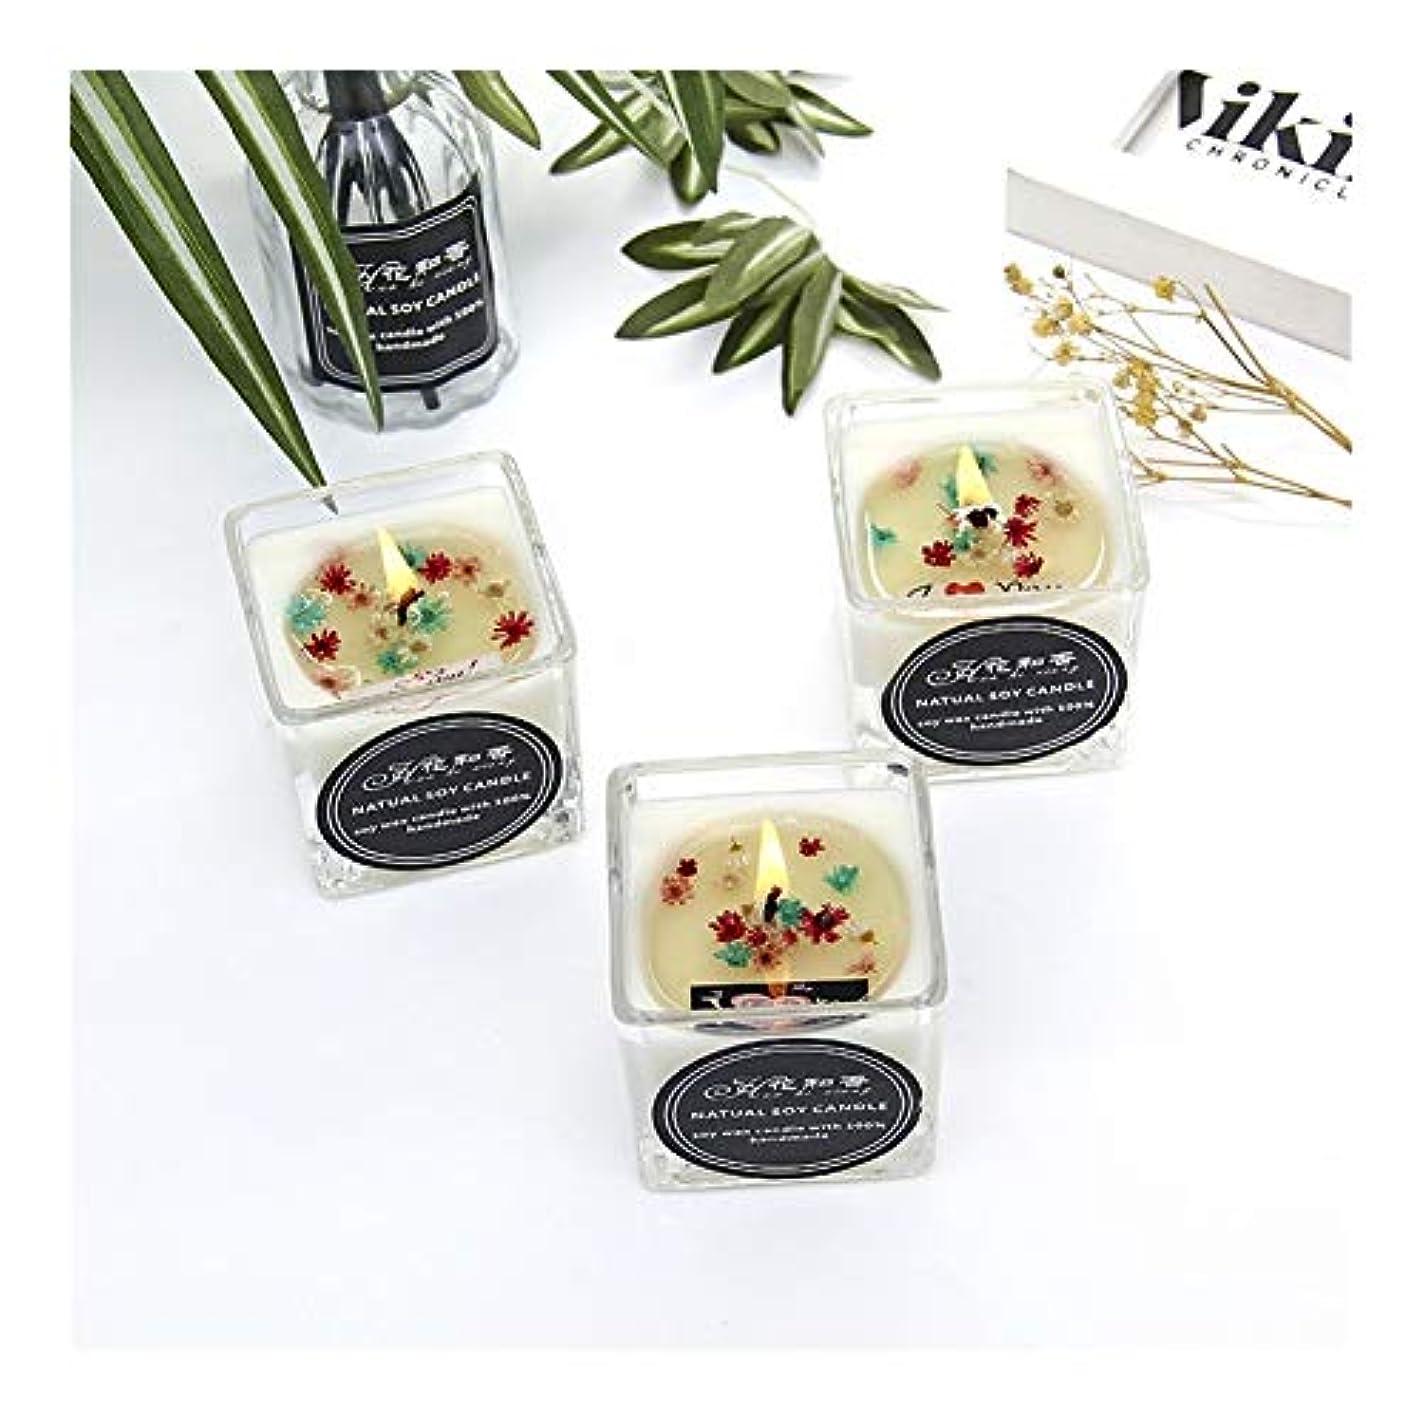 些細ラッドヤードキップリングアコーGuomao ガラスの香料入りの蝋燭の家の無毒な脱臭された蝋燭の結婚式の告白の蝋燭 (色 : Blackberries)